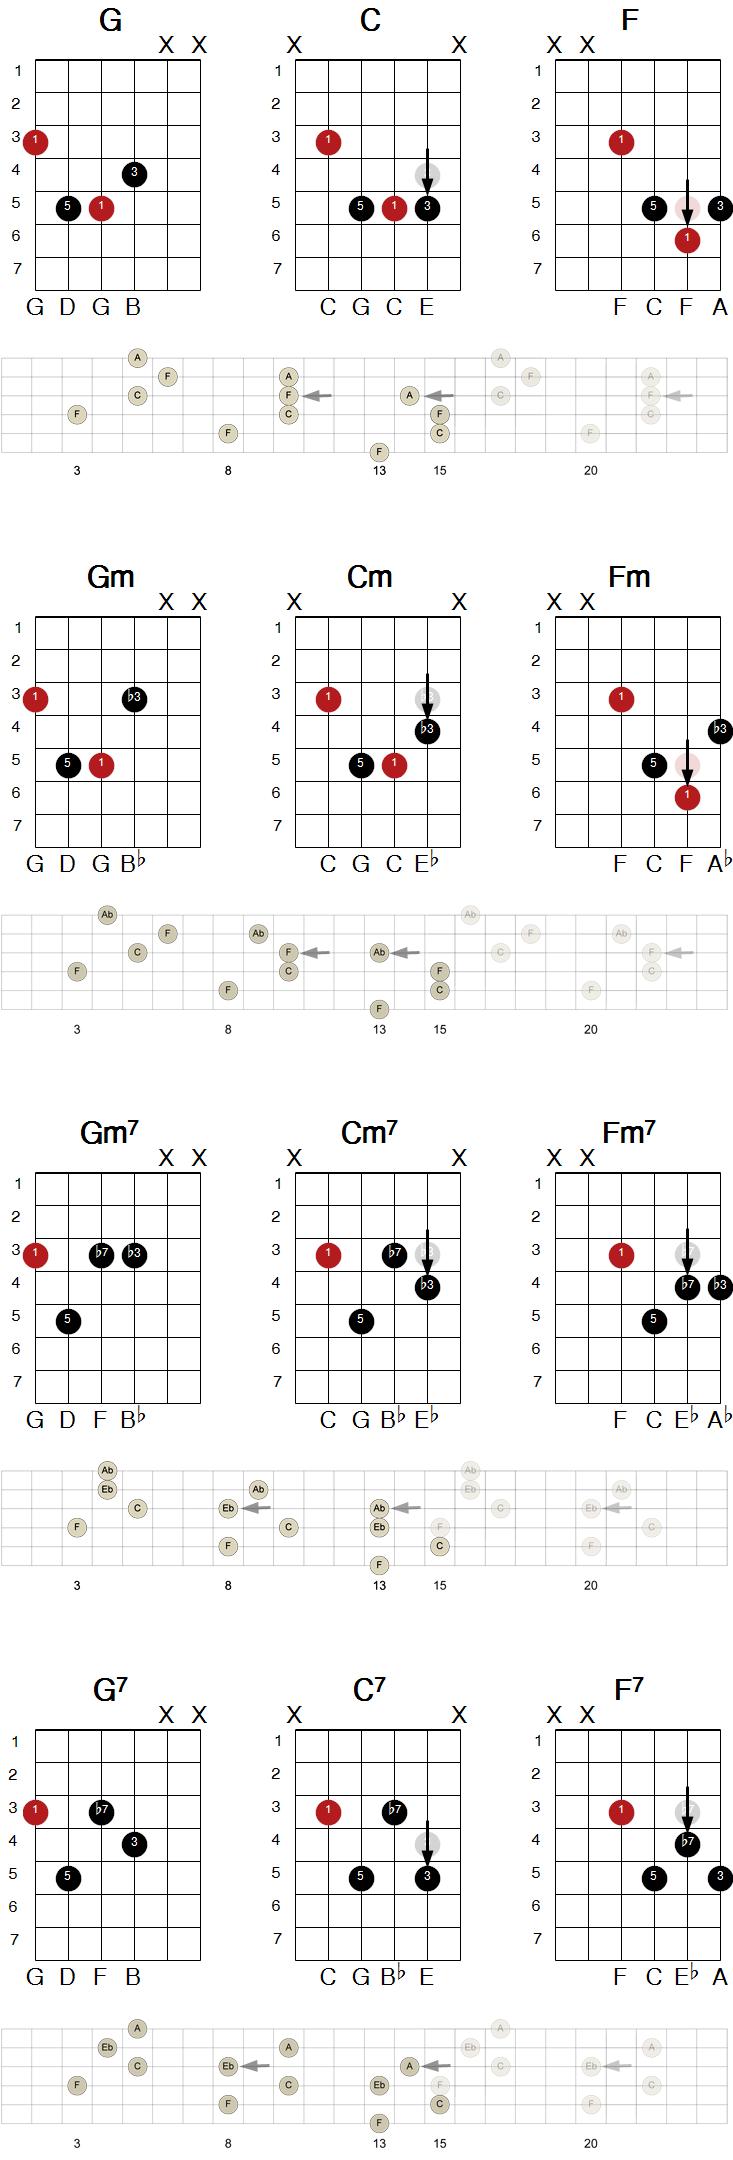 Eksempel på transponering av gitargrep vertikalt til forskjellige grupper av strenger